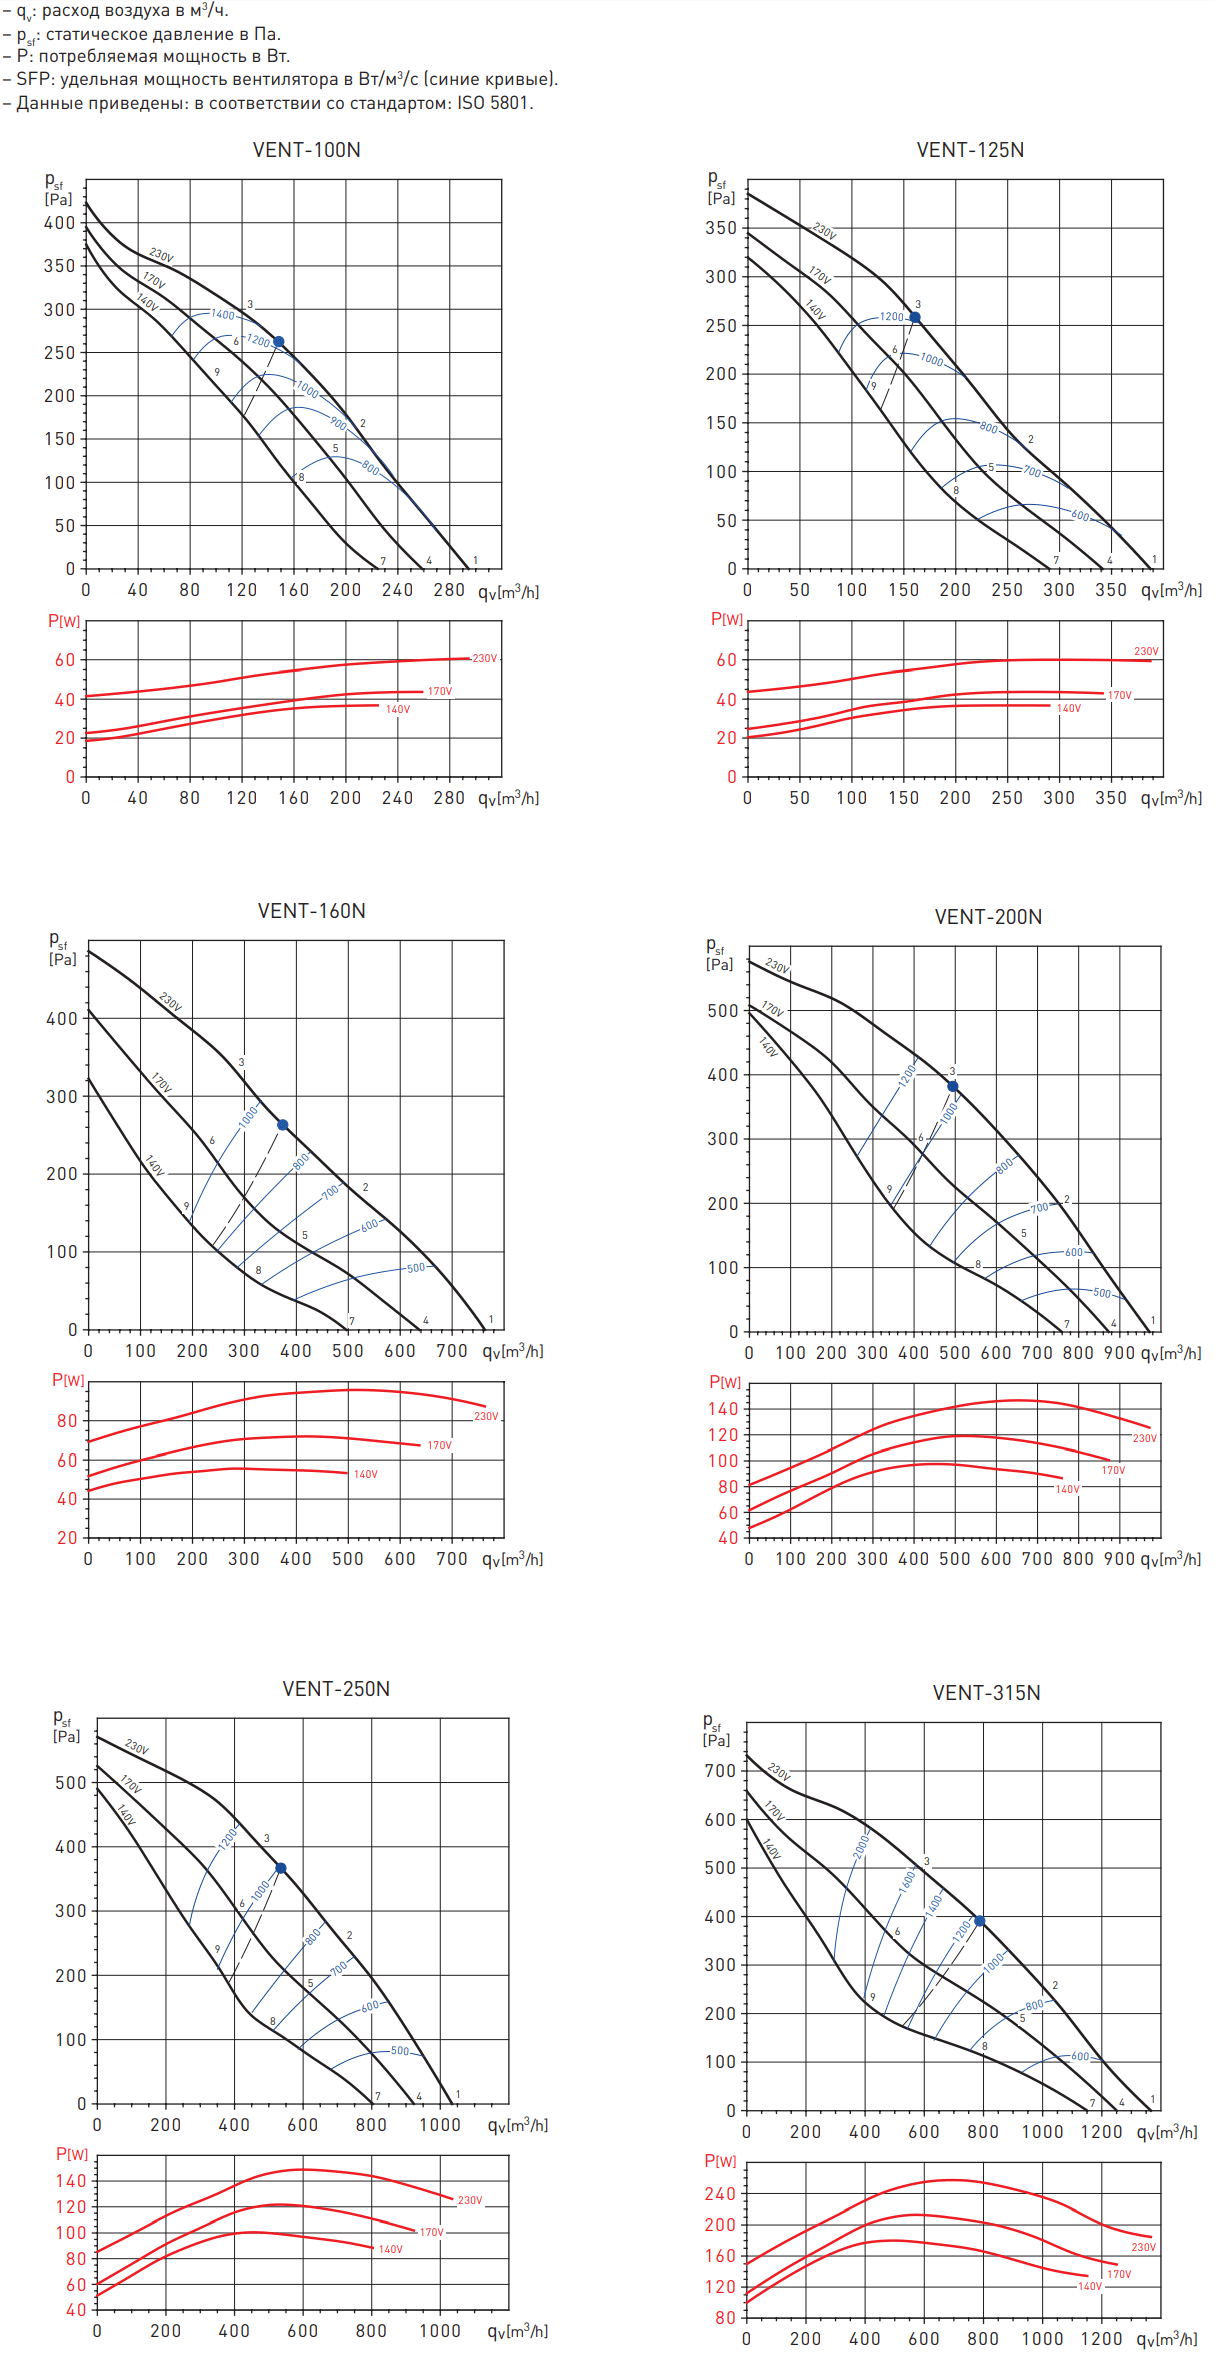 Канальный вентилятор Soler&Palau VENT-N - Аэродинамические характеристики